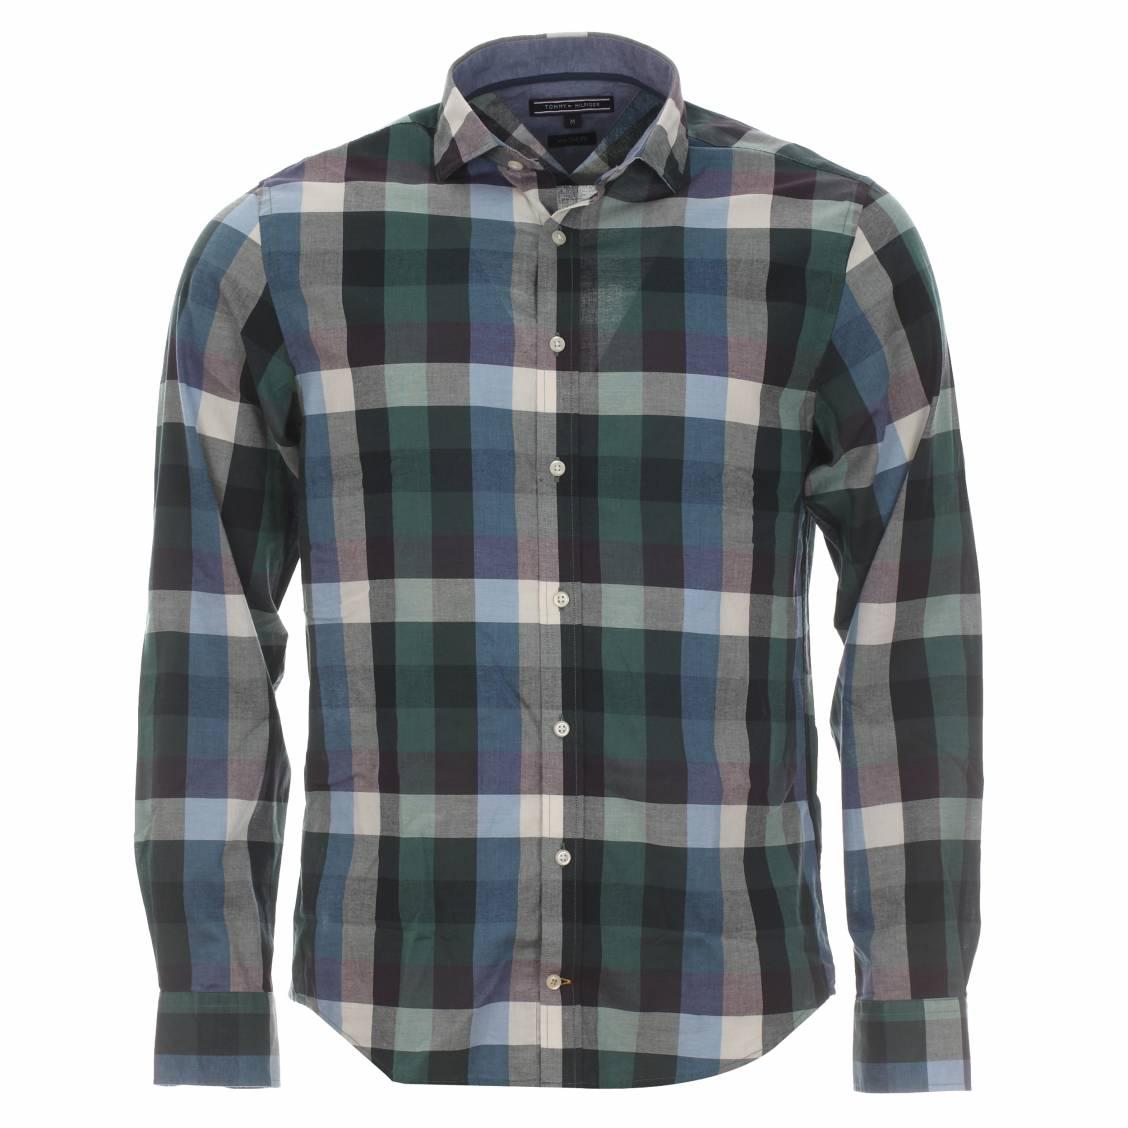 chemise homme banksi tommy hilfiger carreaux verts bleus et violets rue des hommes. Black Bedroom Furniture Sets. Home Design Ideas